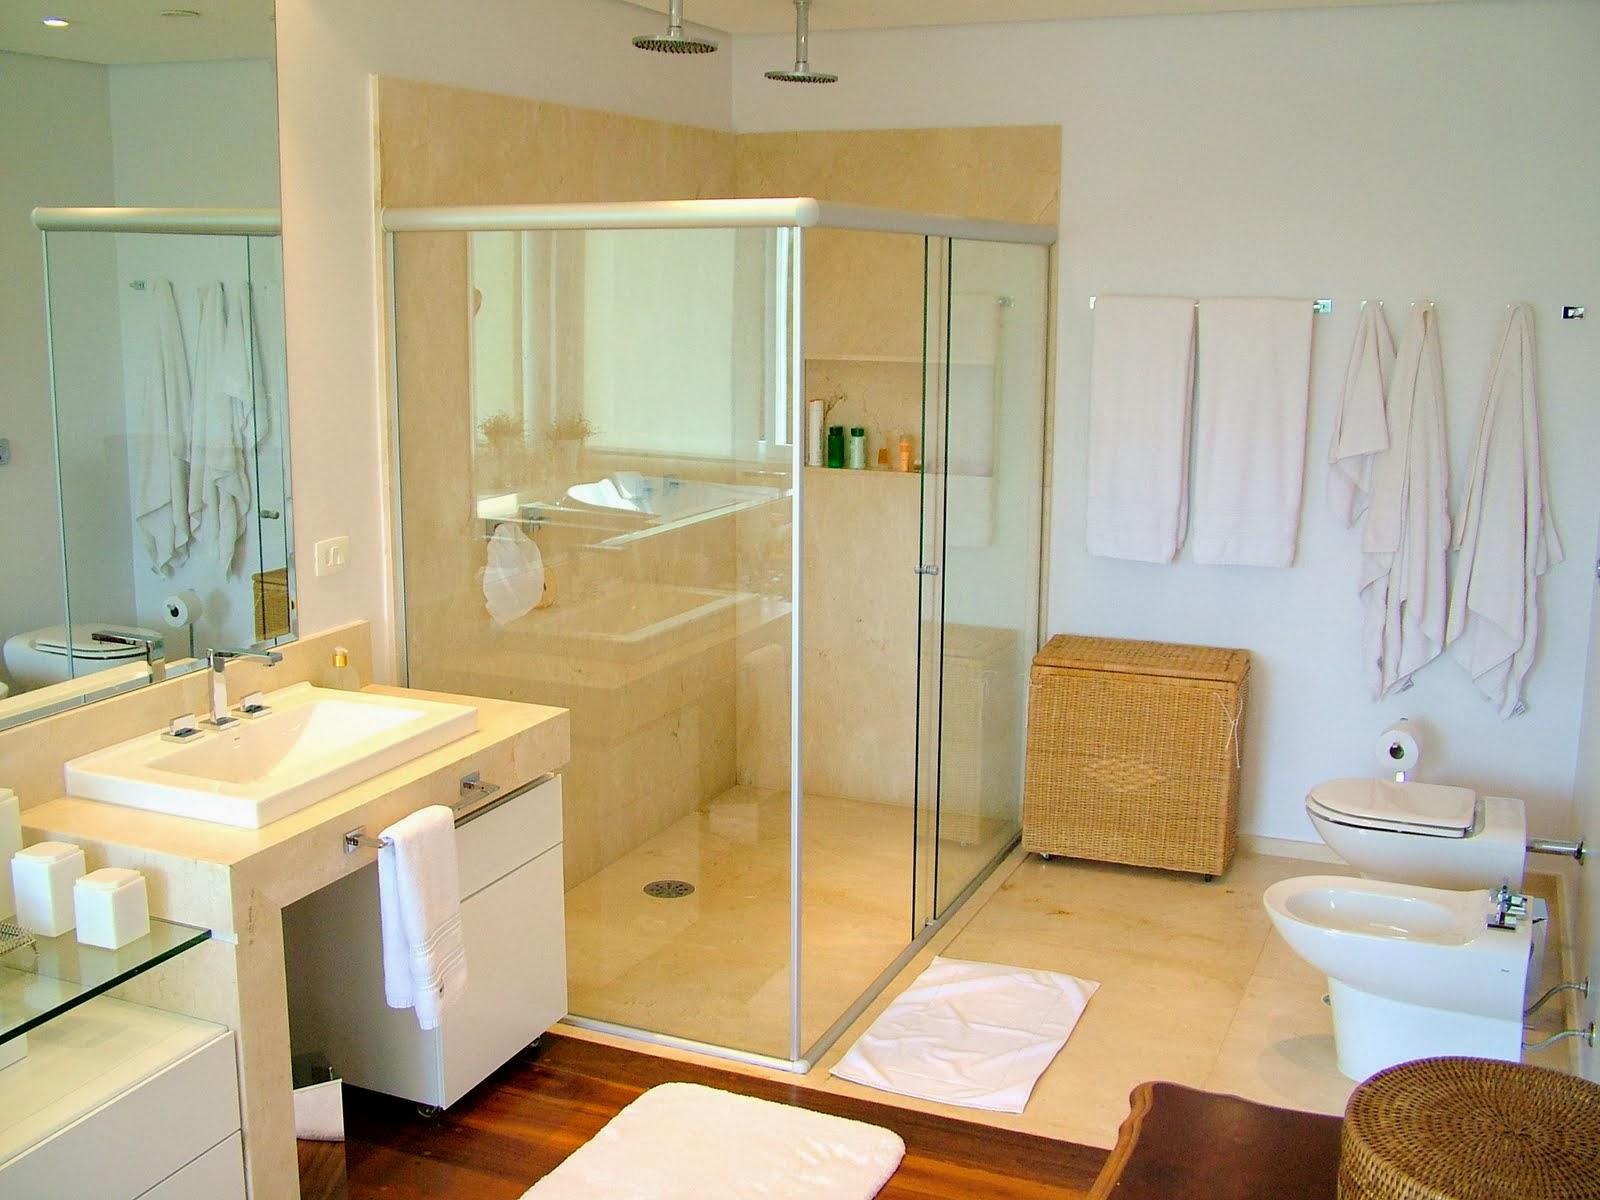 Fonte: Site Decoração de Interiores e Guia Grátis #703D18 1600x1200 Banheira Para Banheiro De Apartamento